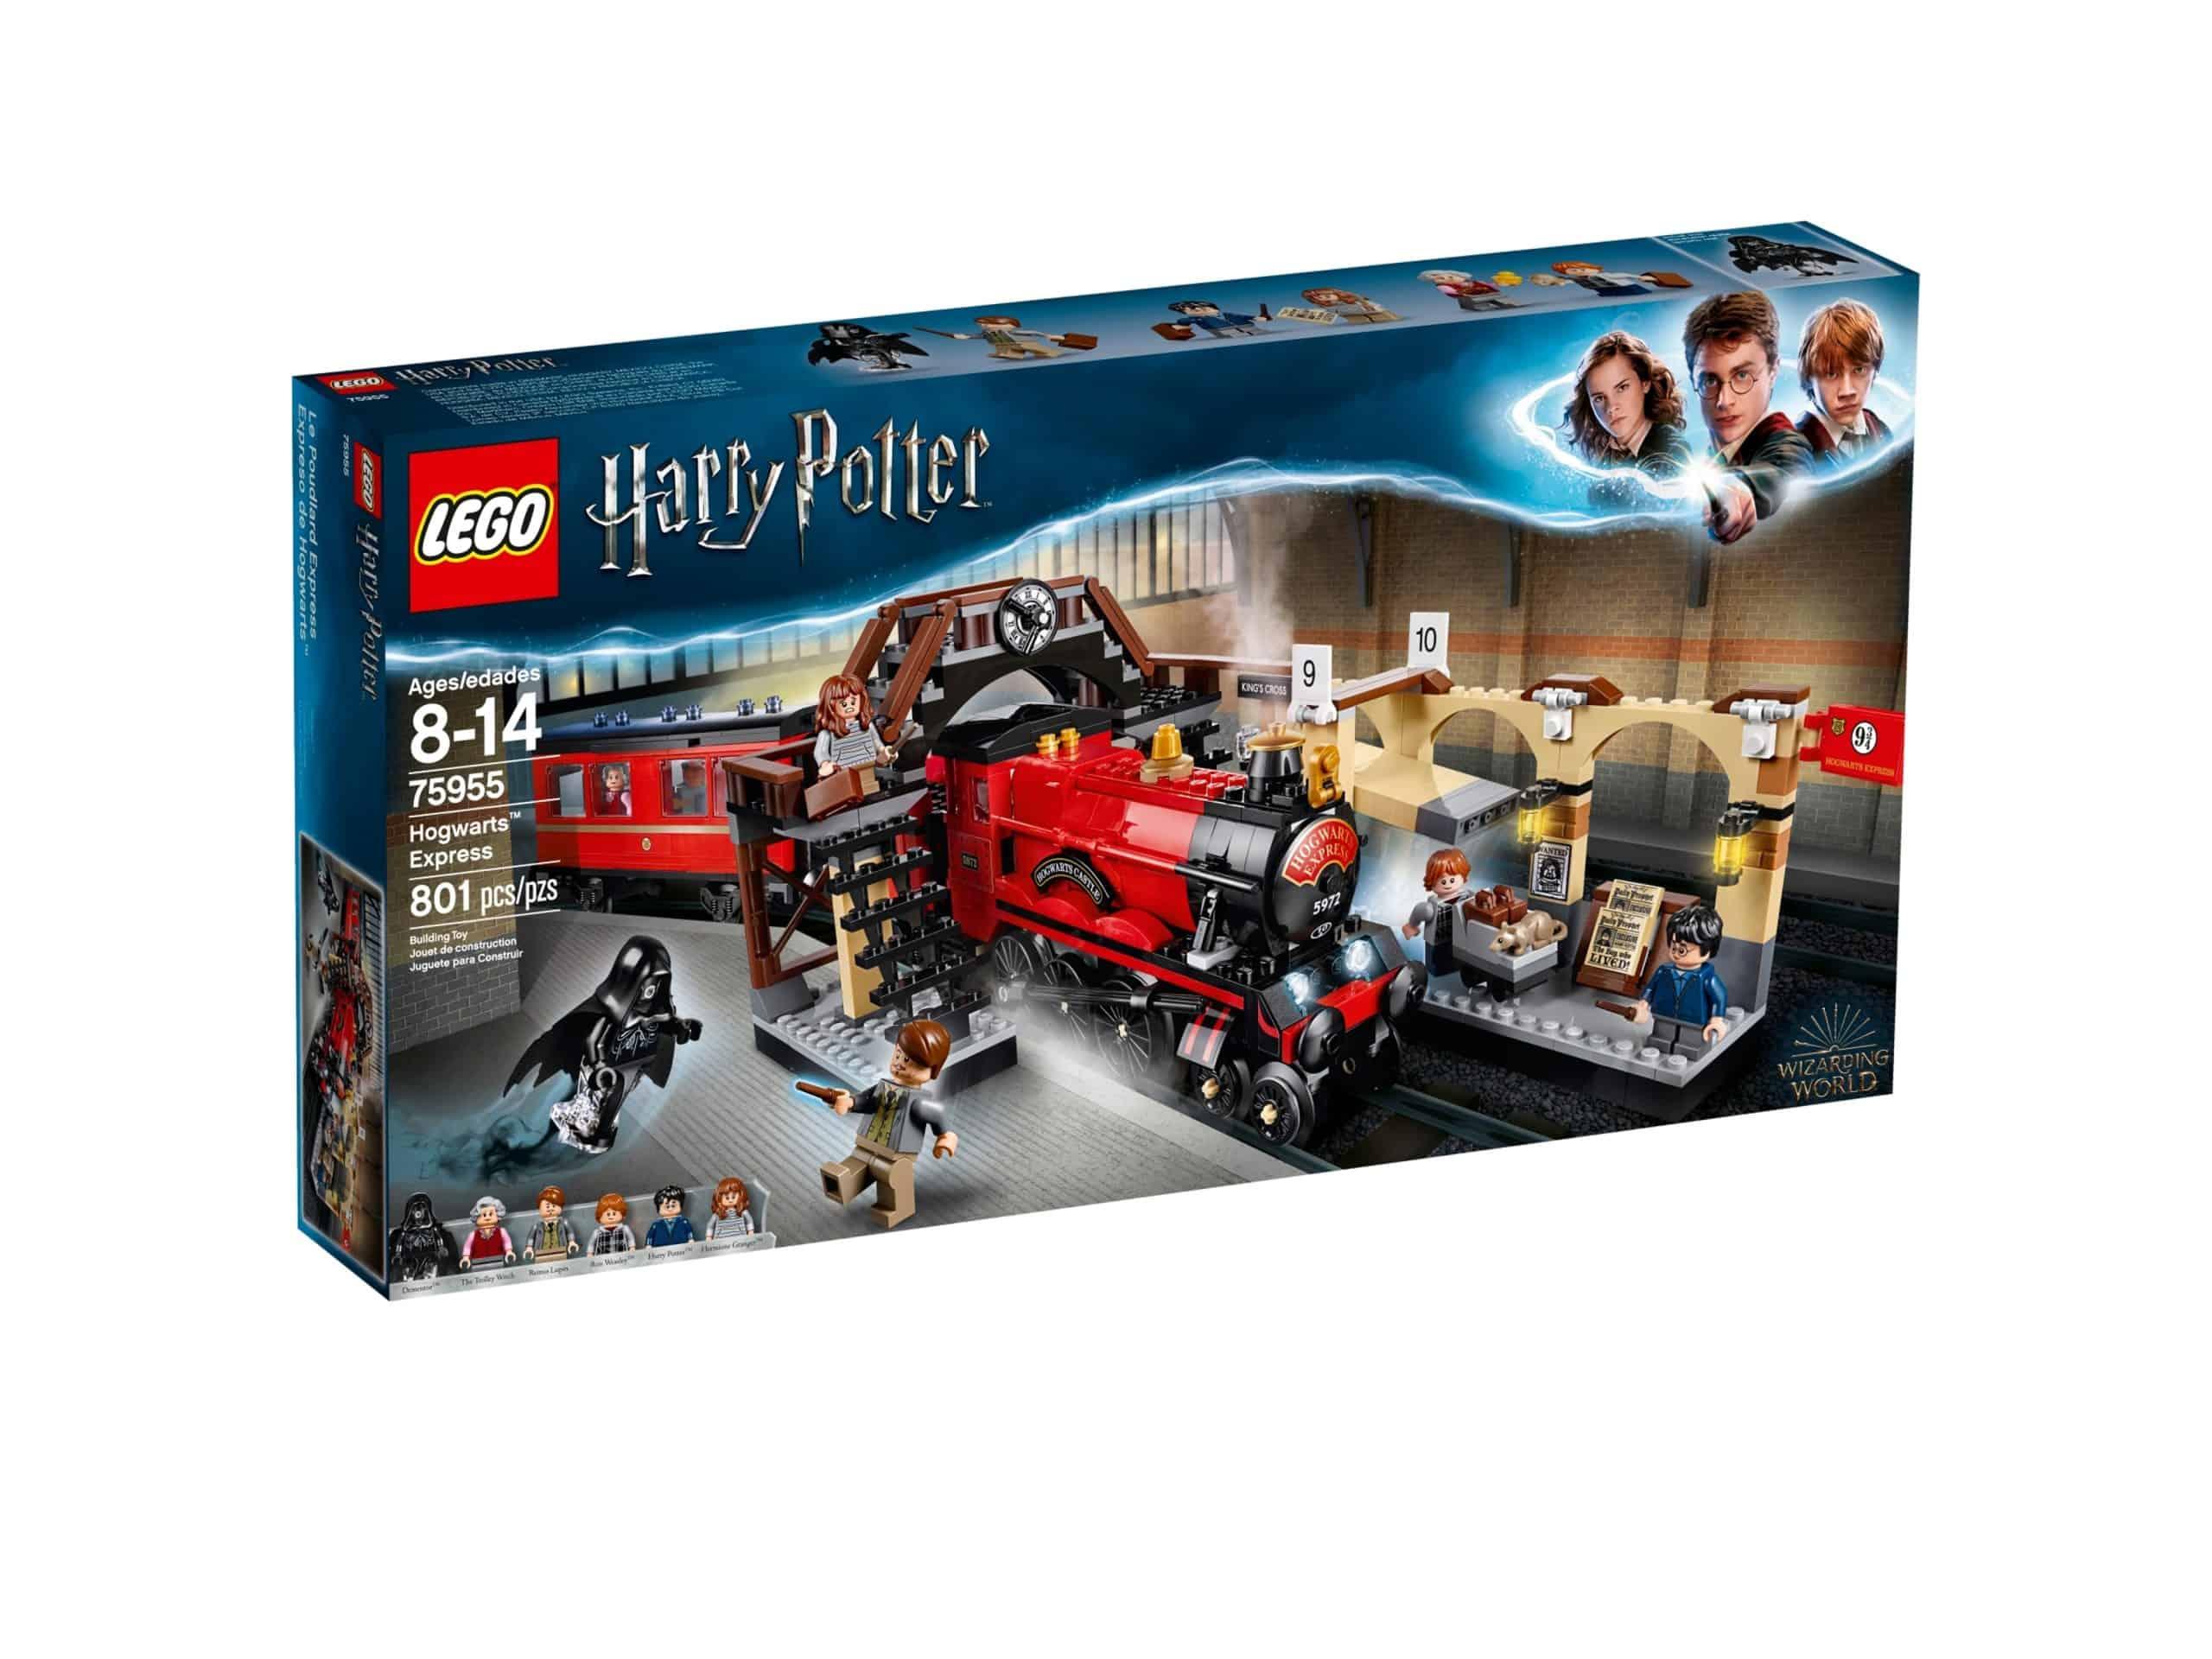 lego 75955 hogwarts ekspressen scaled